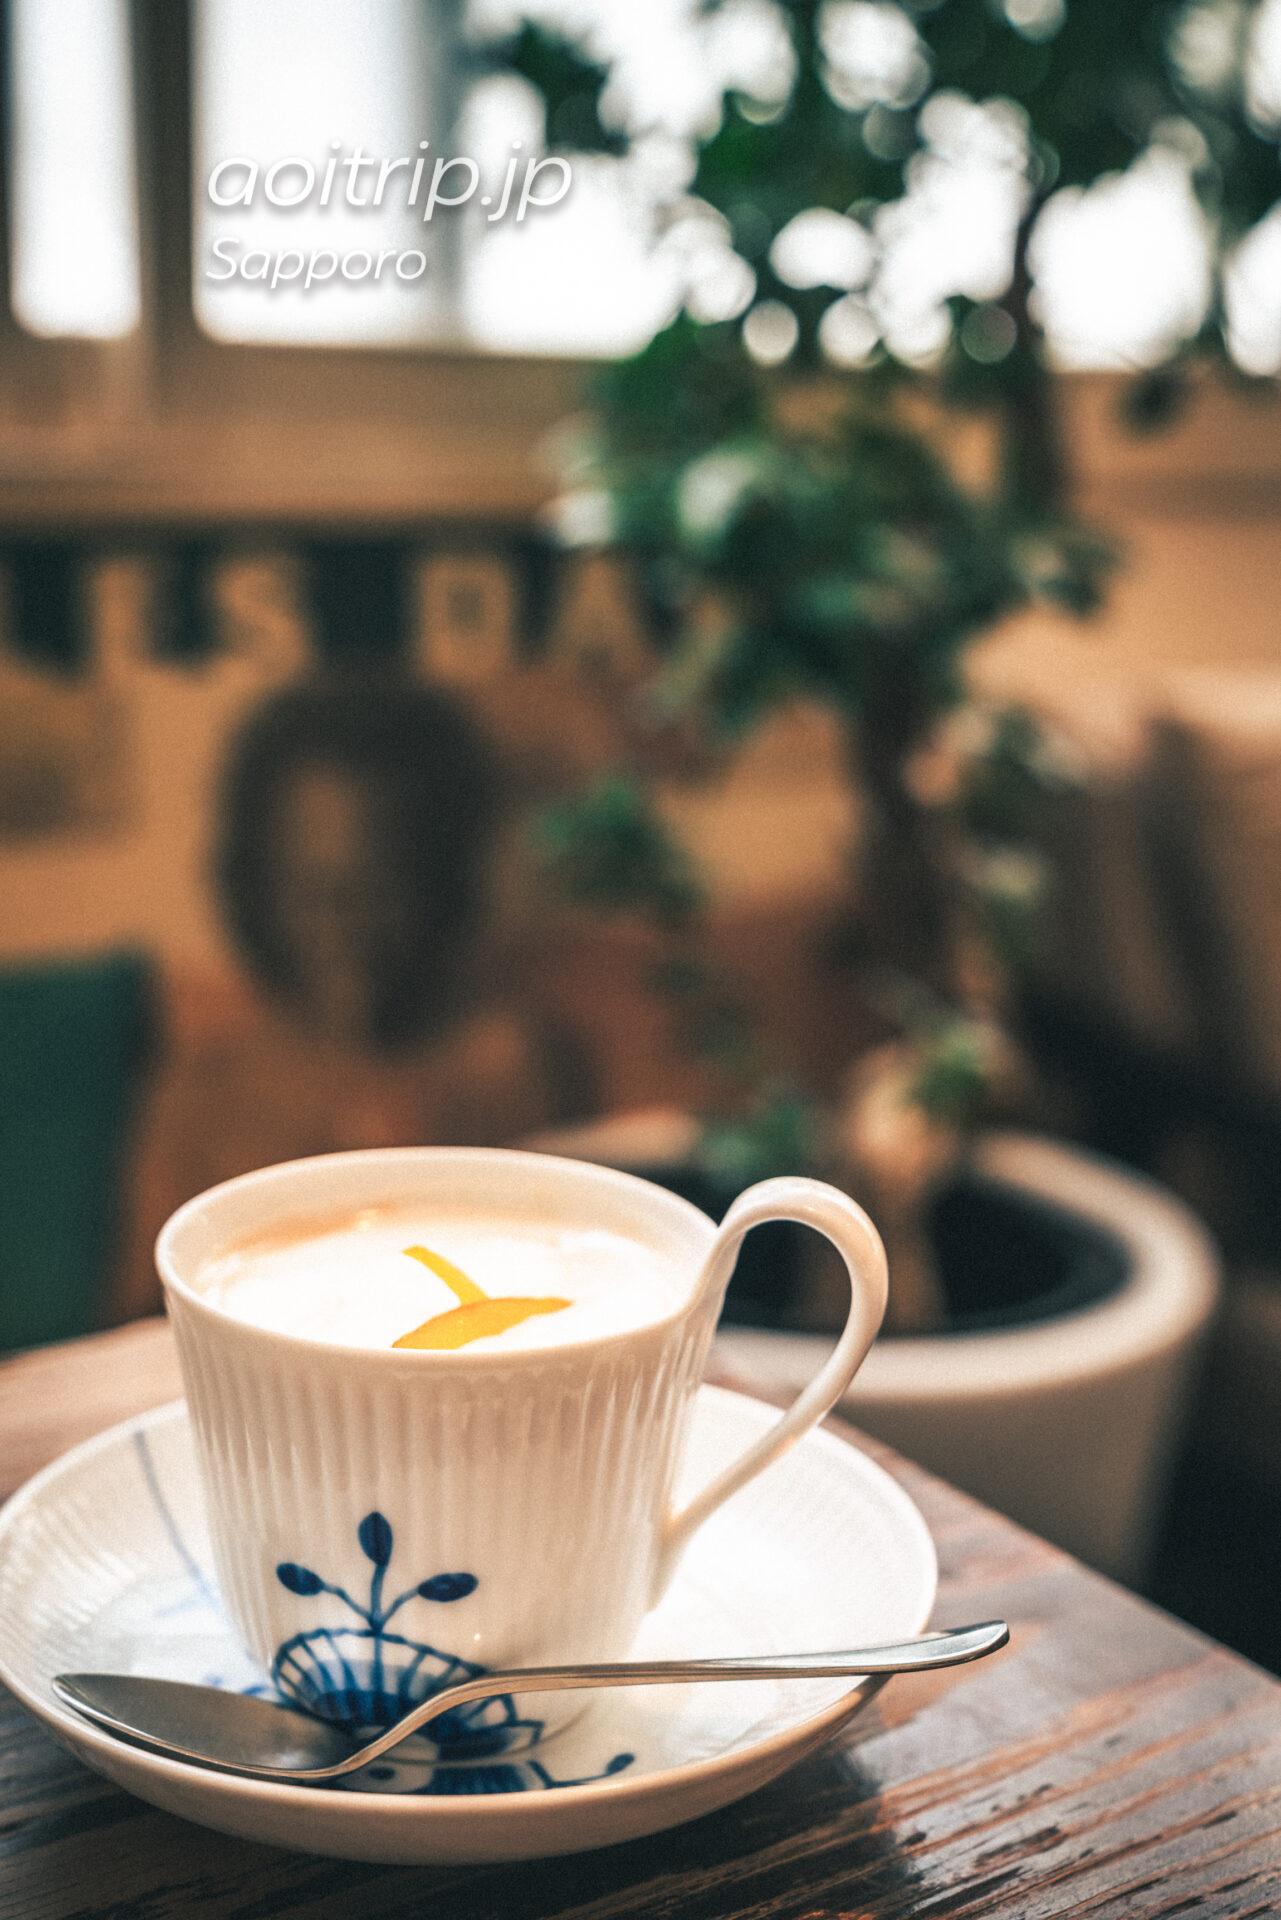 札幌 ミンガスコーヒーのオレンジカフェオレ